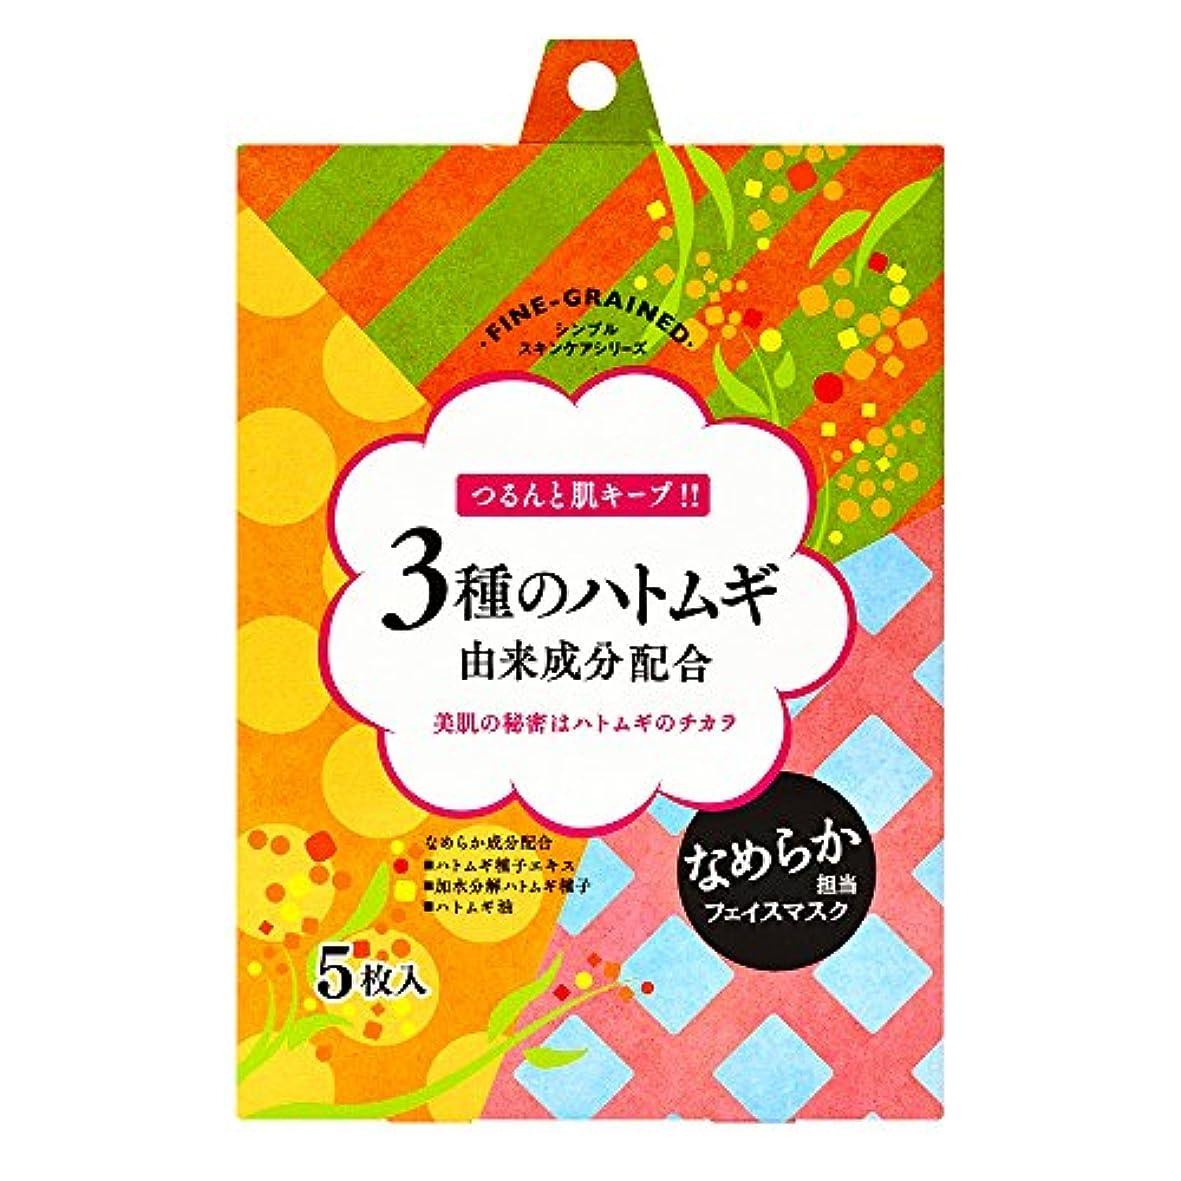 ビーム行商人蒸FINE GRAINED 3種のハトムギ由来成分フェイスマスク 1枚入×5袋